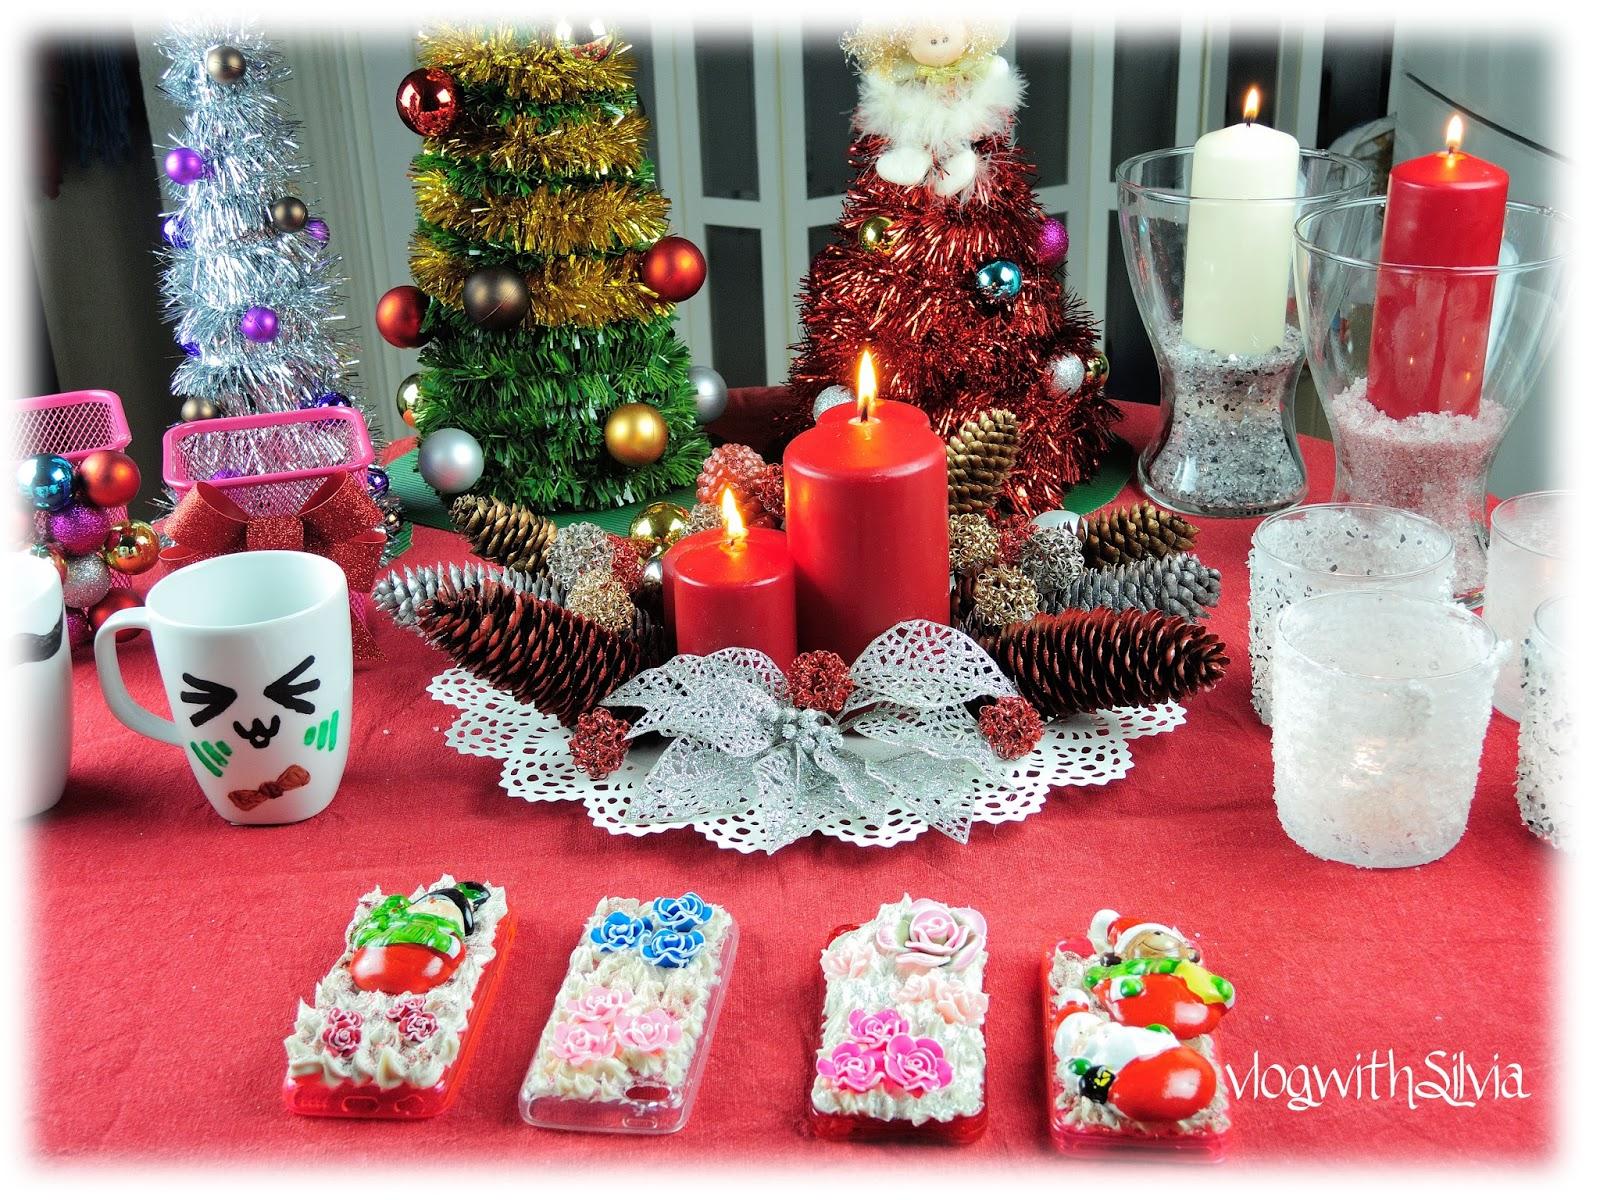 Diy decoraci n navidad silvia quir s - Diy decoracion navidad ...